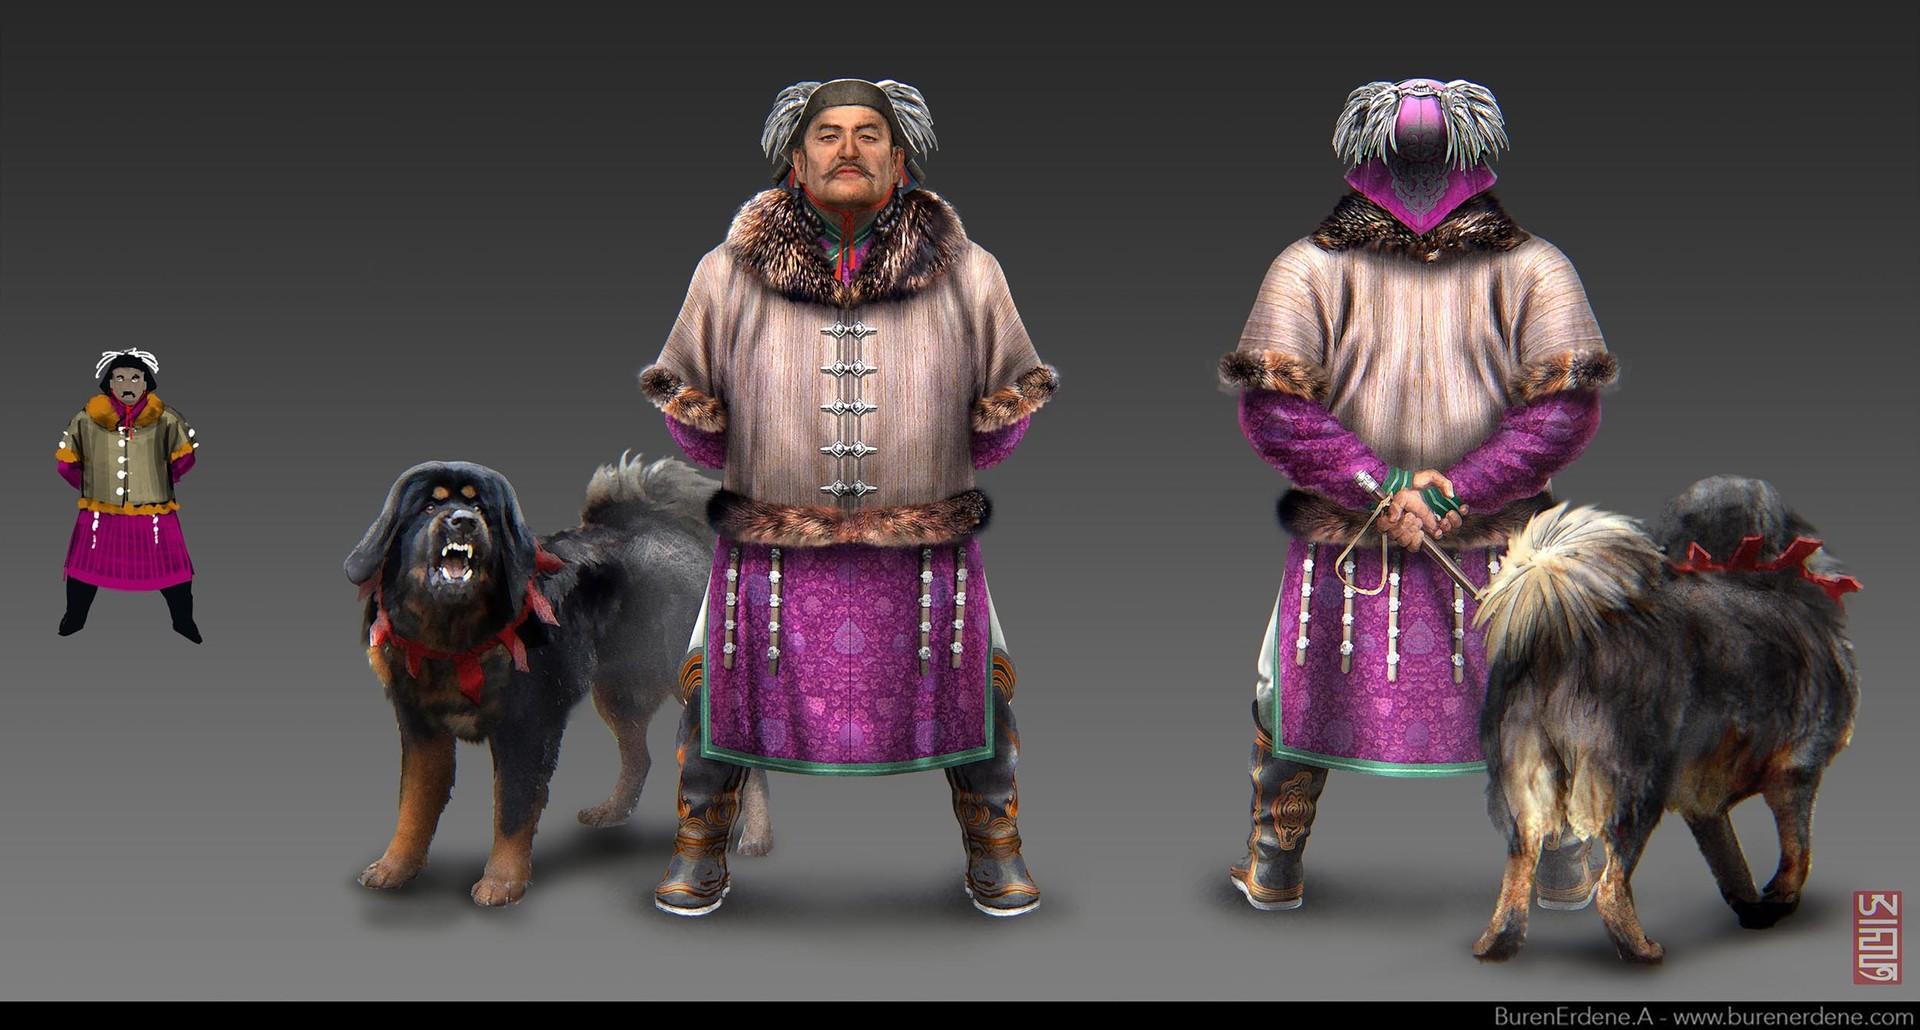 burenerdene-altankhuyag-mongol-men2.jpg?